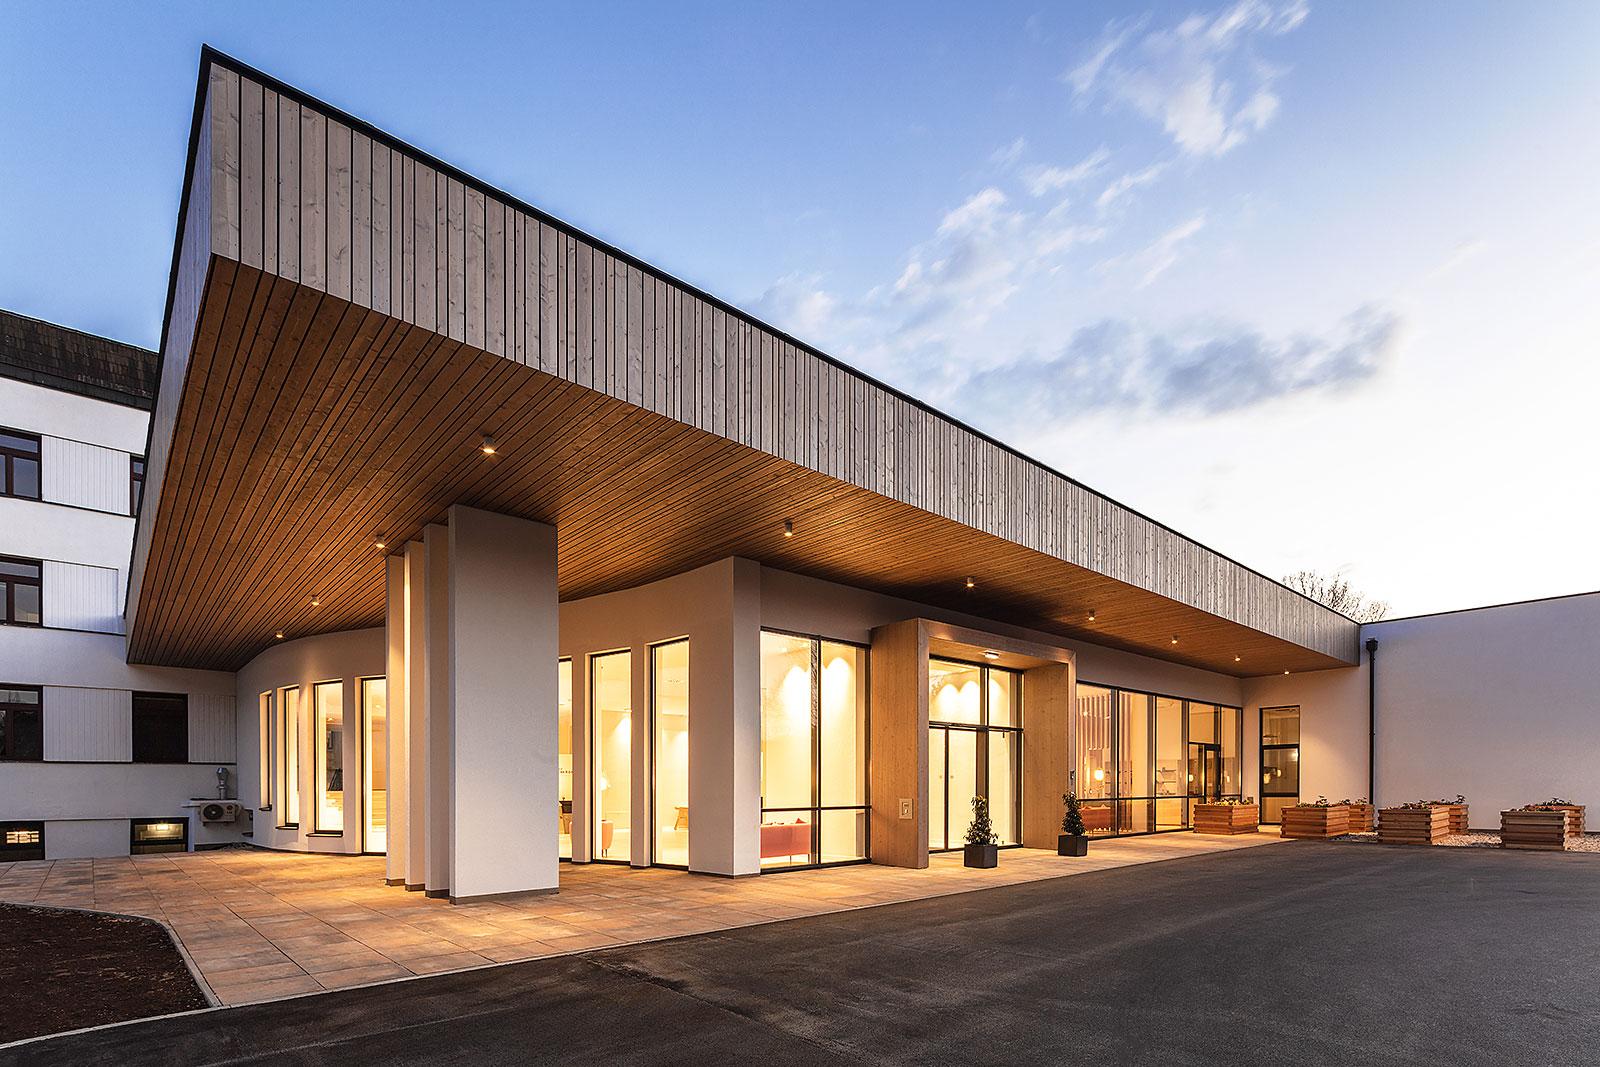 architektur Abendaufnahme Eingangsbereich